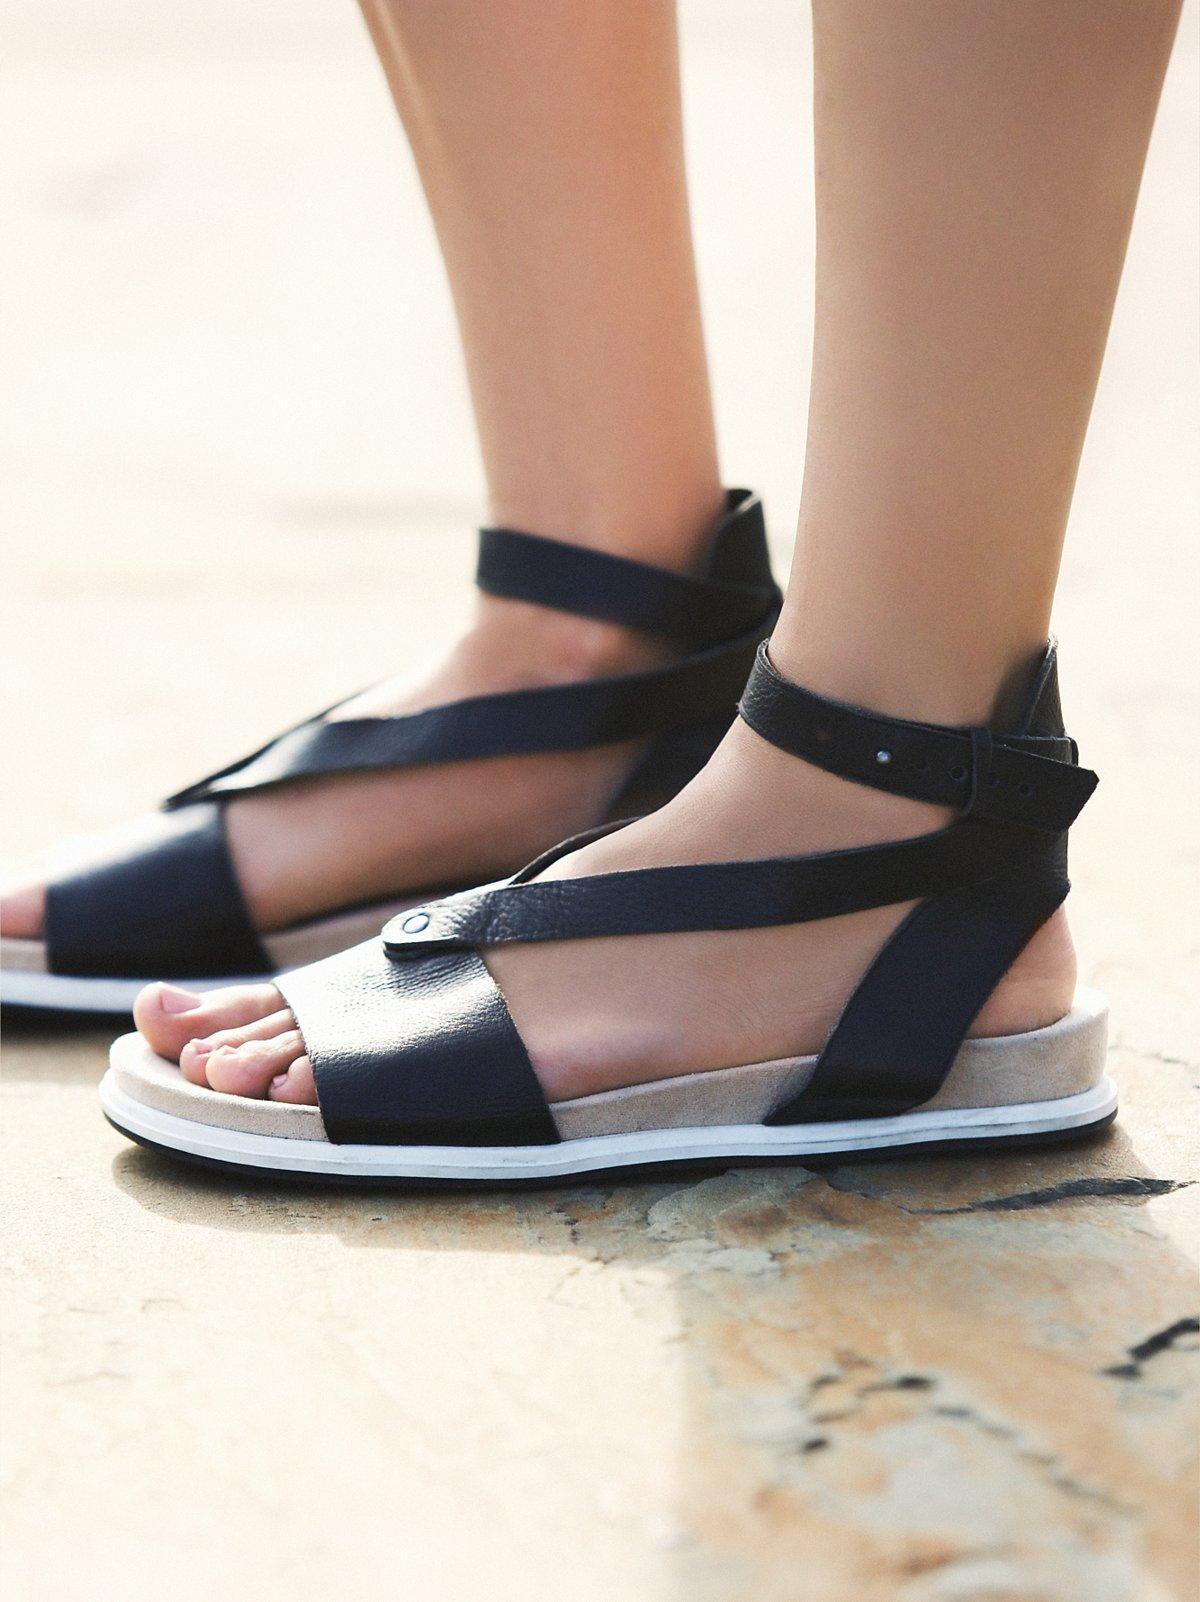 Koan Sport Sandal